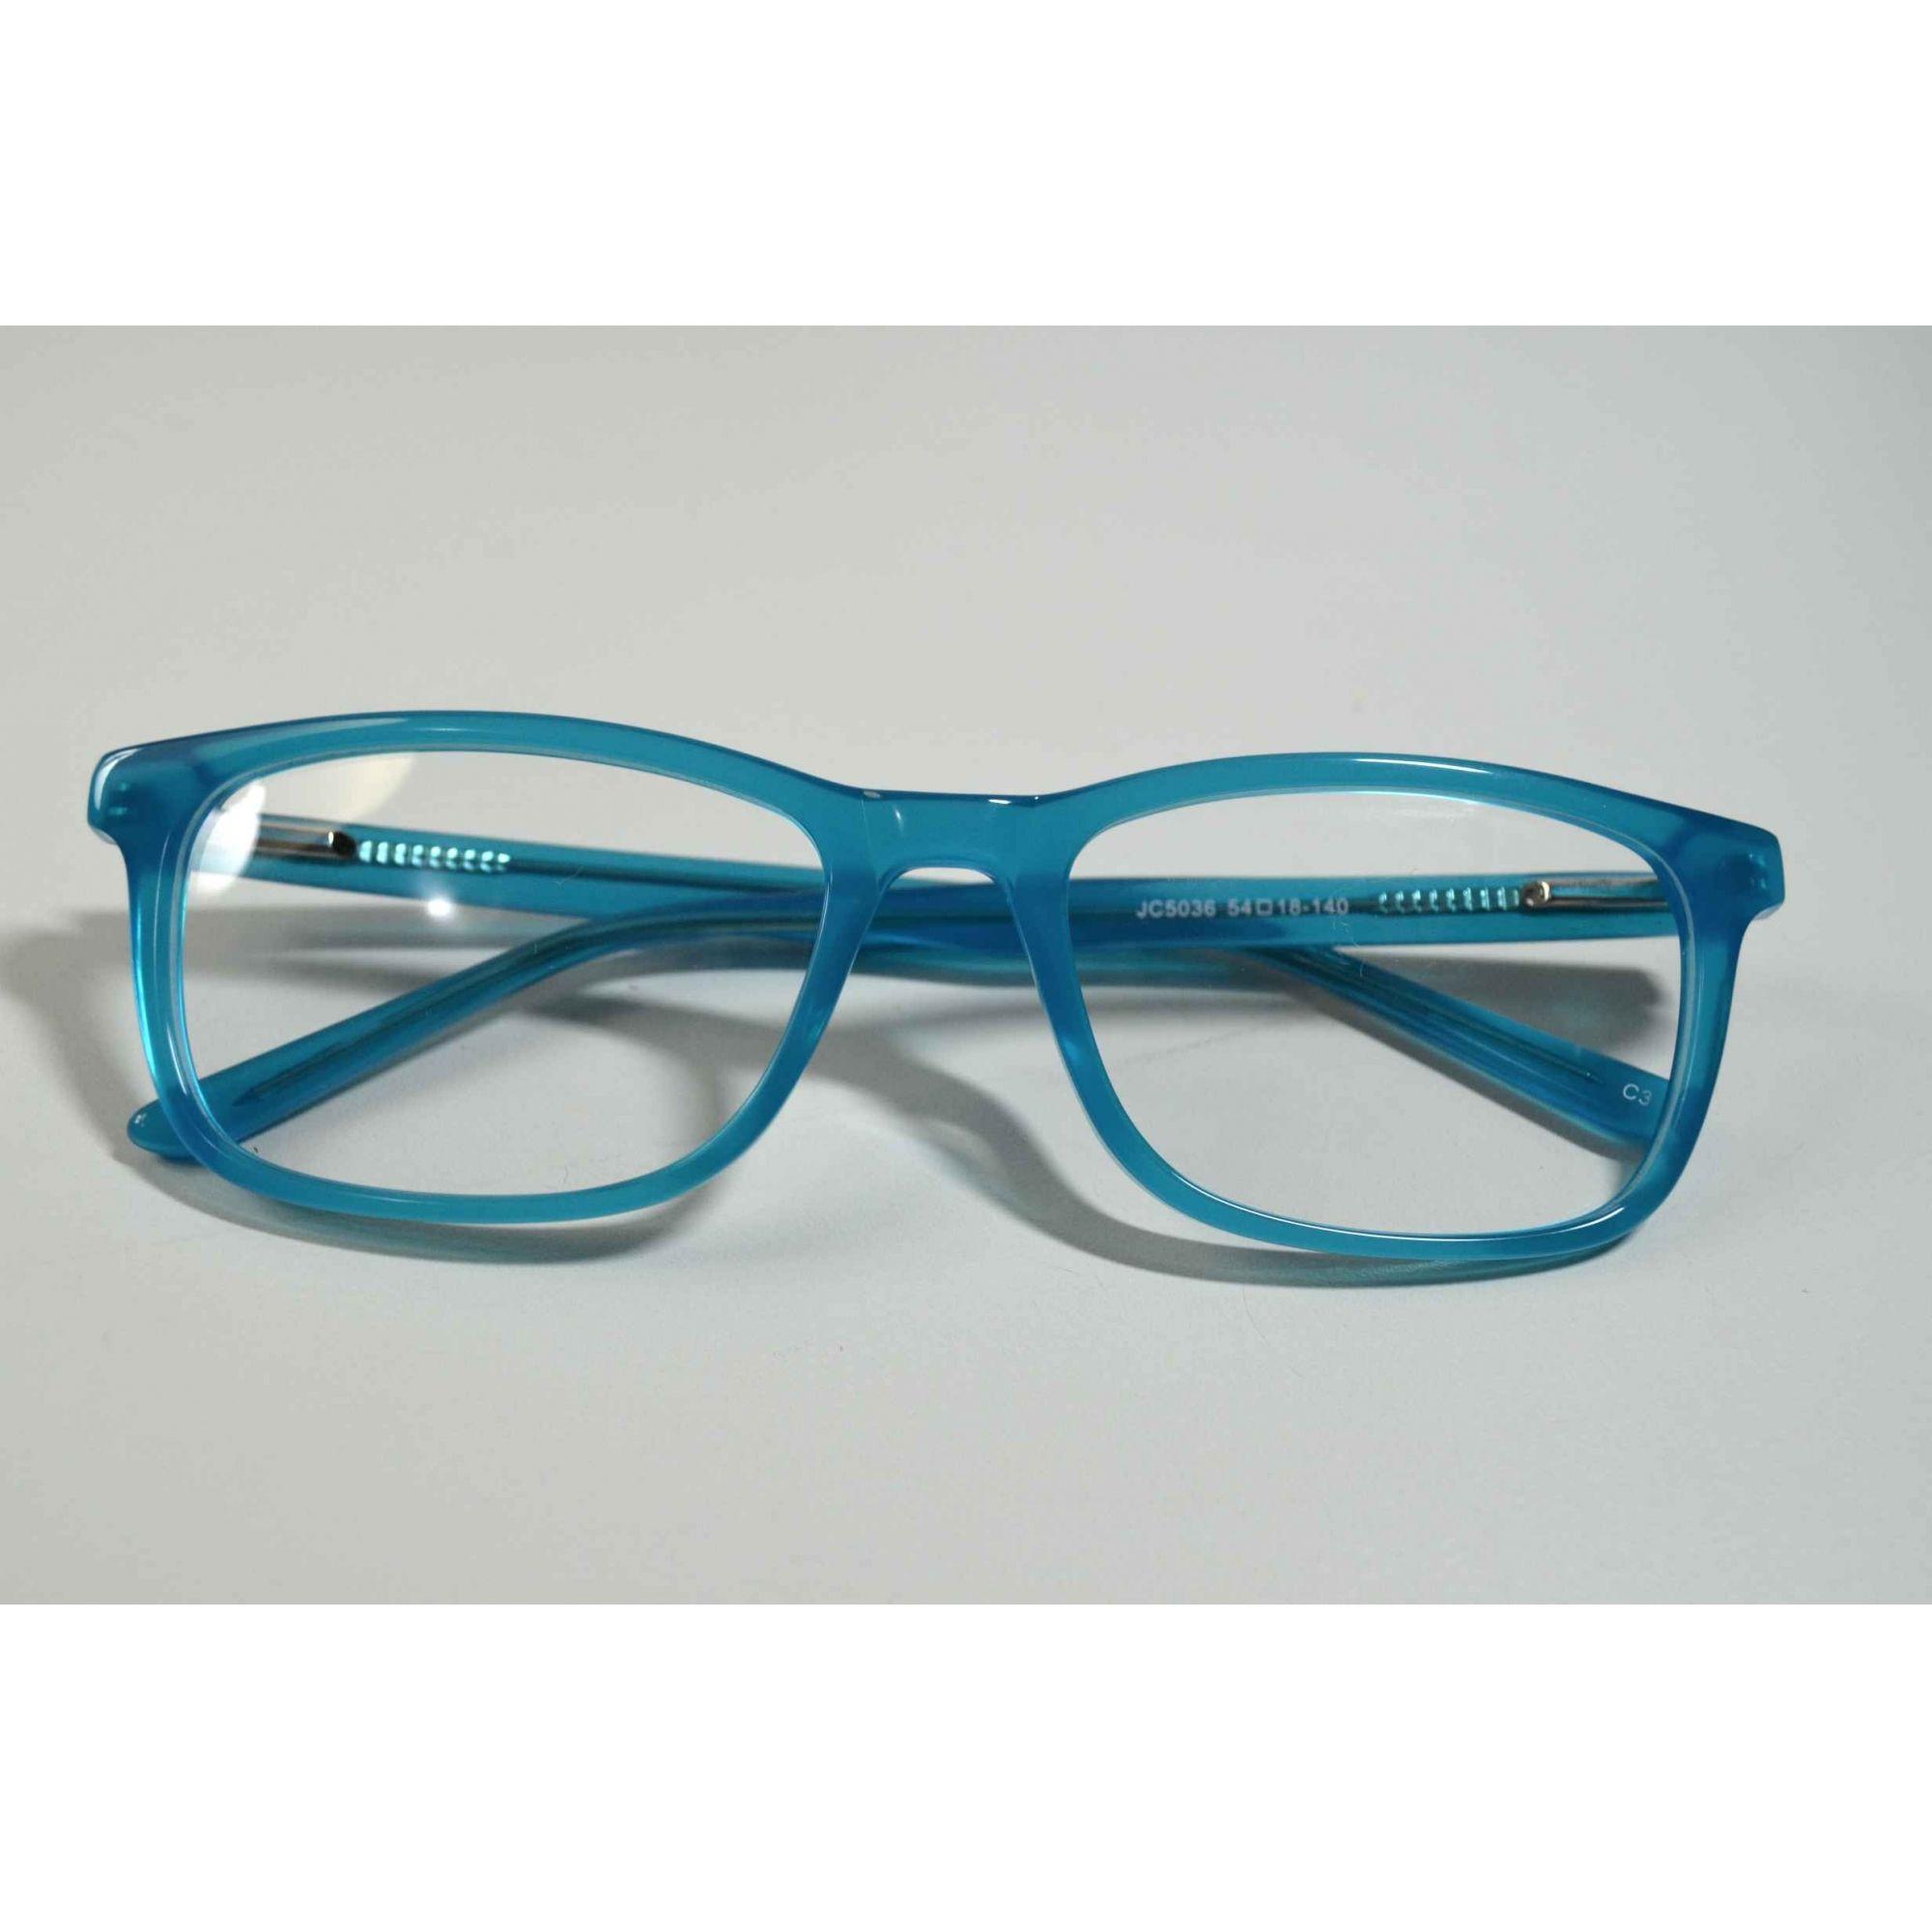 Armação Óculos grau unissex acetato fashion azul jpg 2000x2000 Azul oculos  de grau 51f0a1d88c